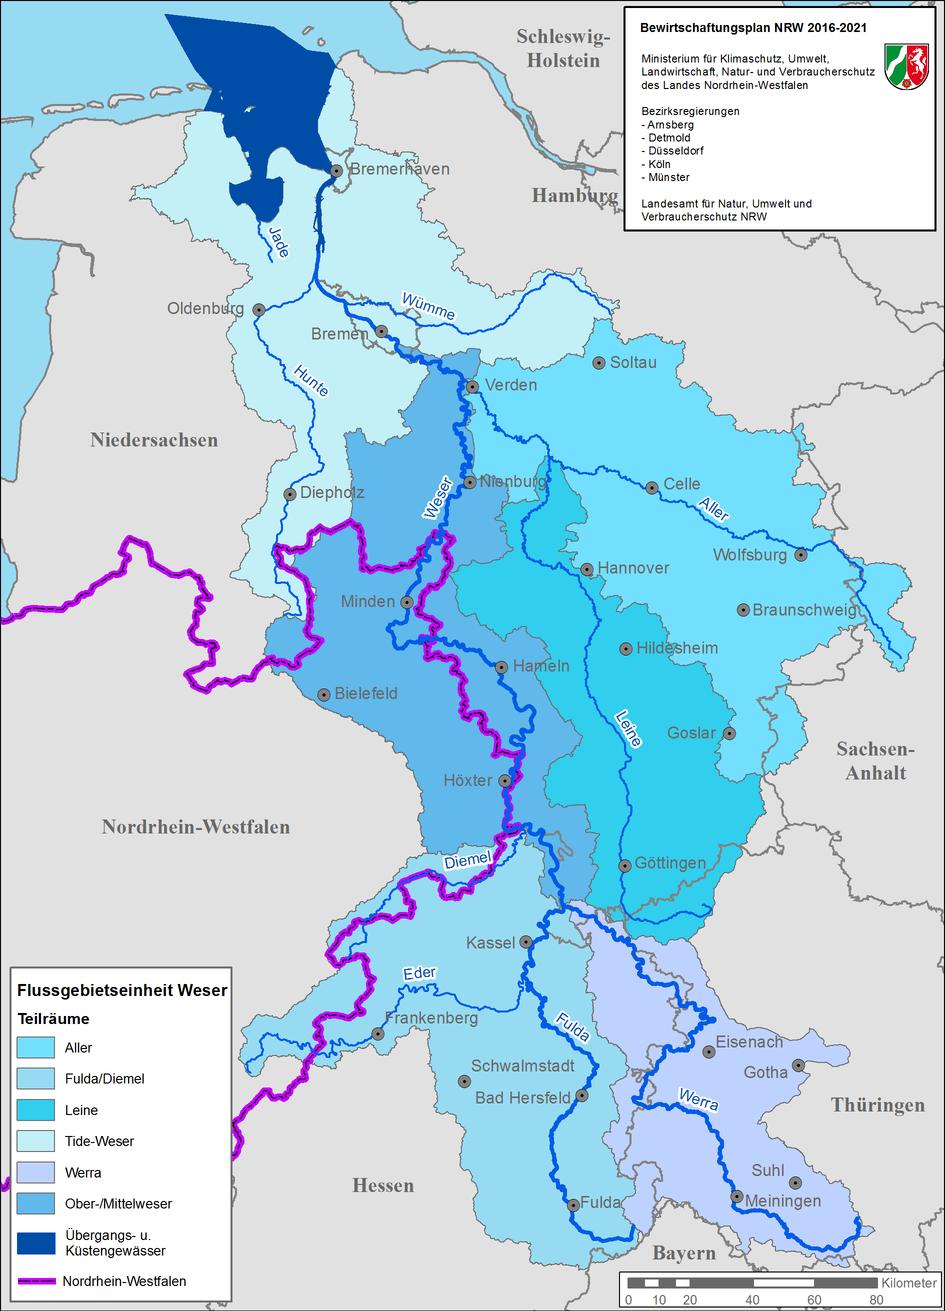 Karte der Bearbeitungsgebiete in der Flussgebietseinheit Weser